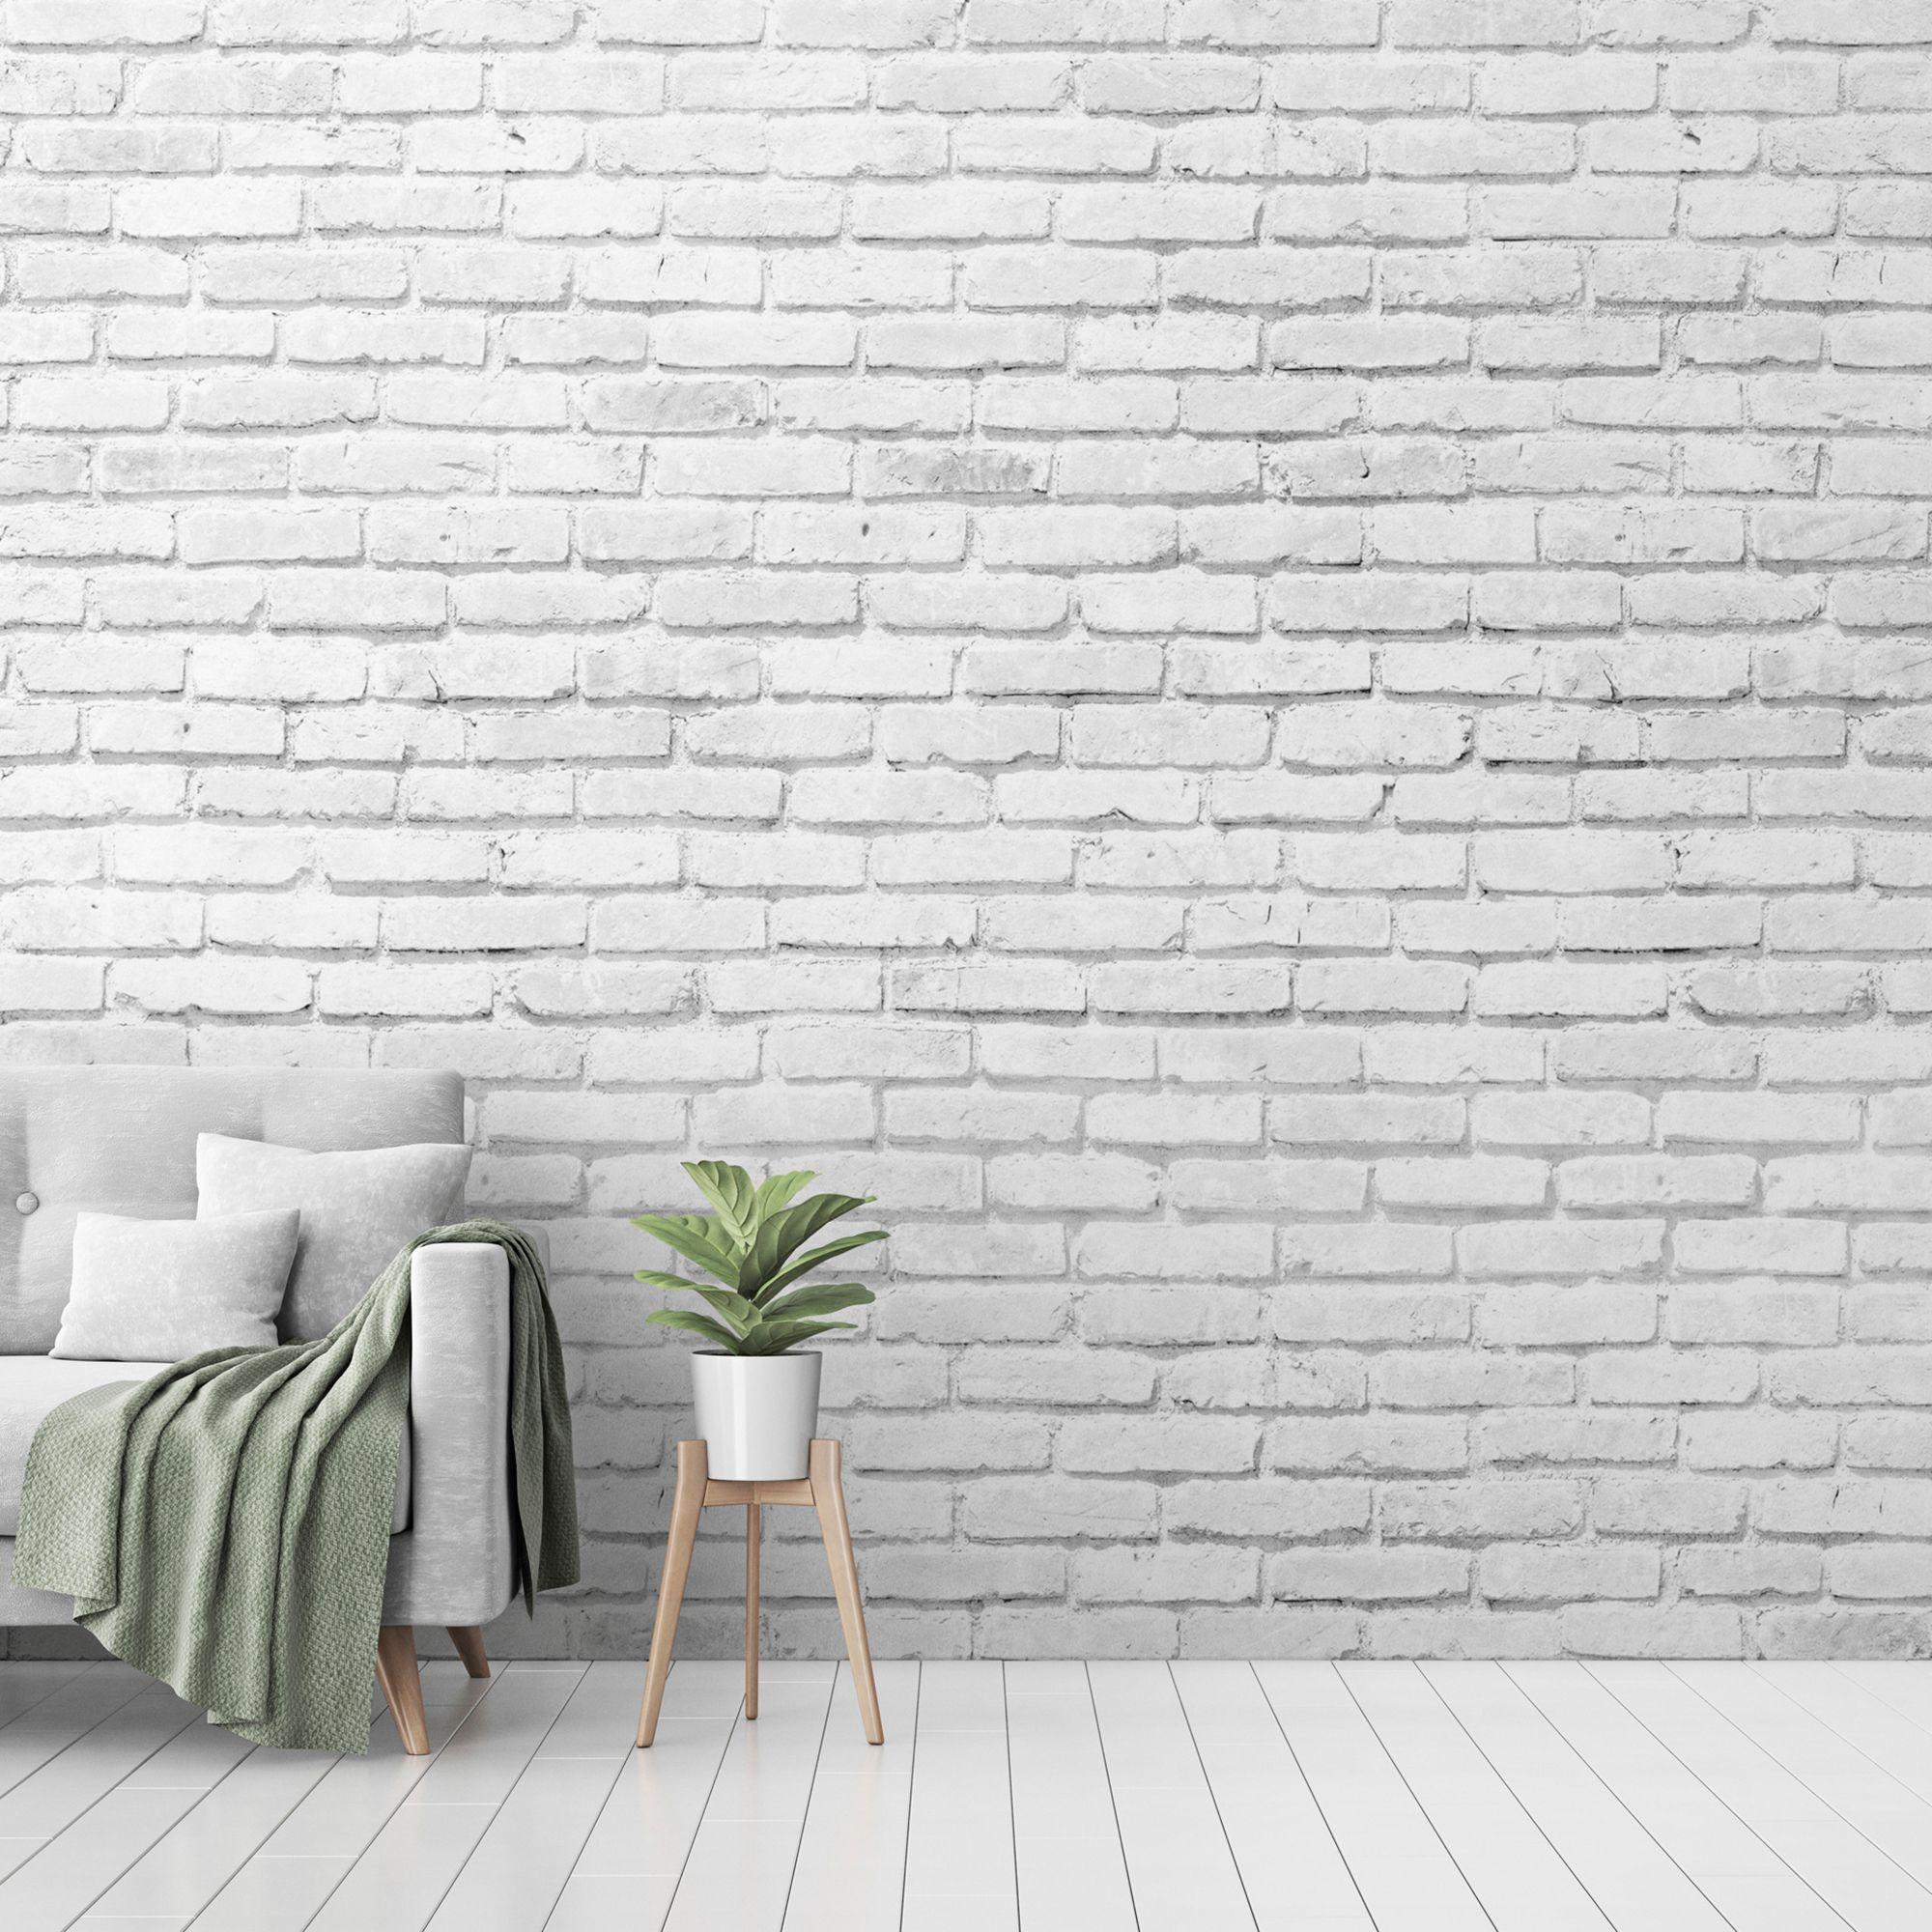 Goodhome Balonga White Brick Matt Mural In 2020 Brick Wall Living Room Brick Wallpaper Living Room Brick Wall Bedroom